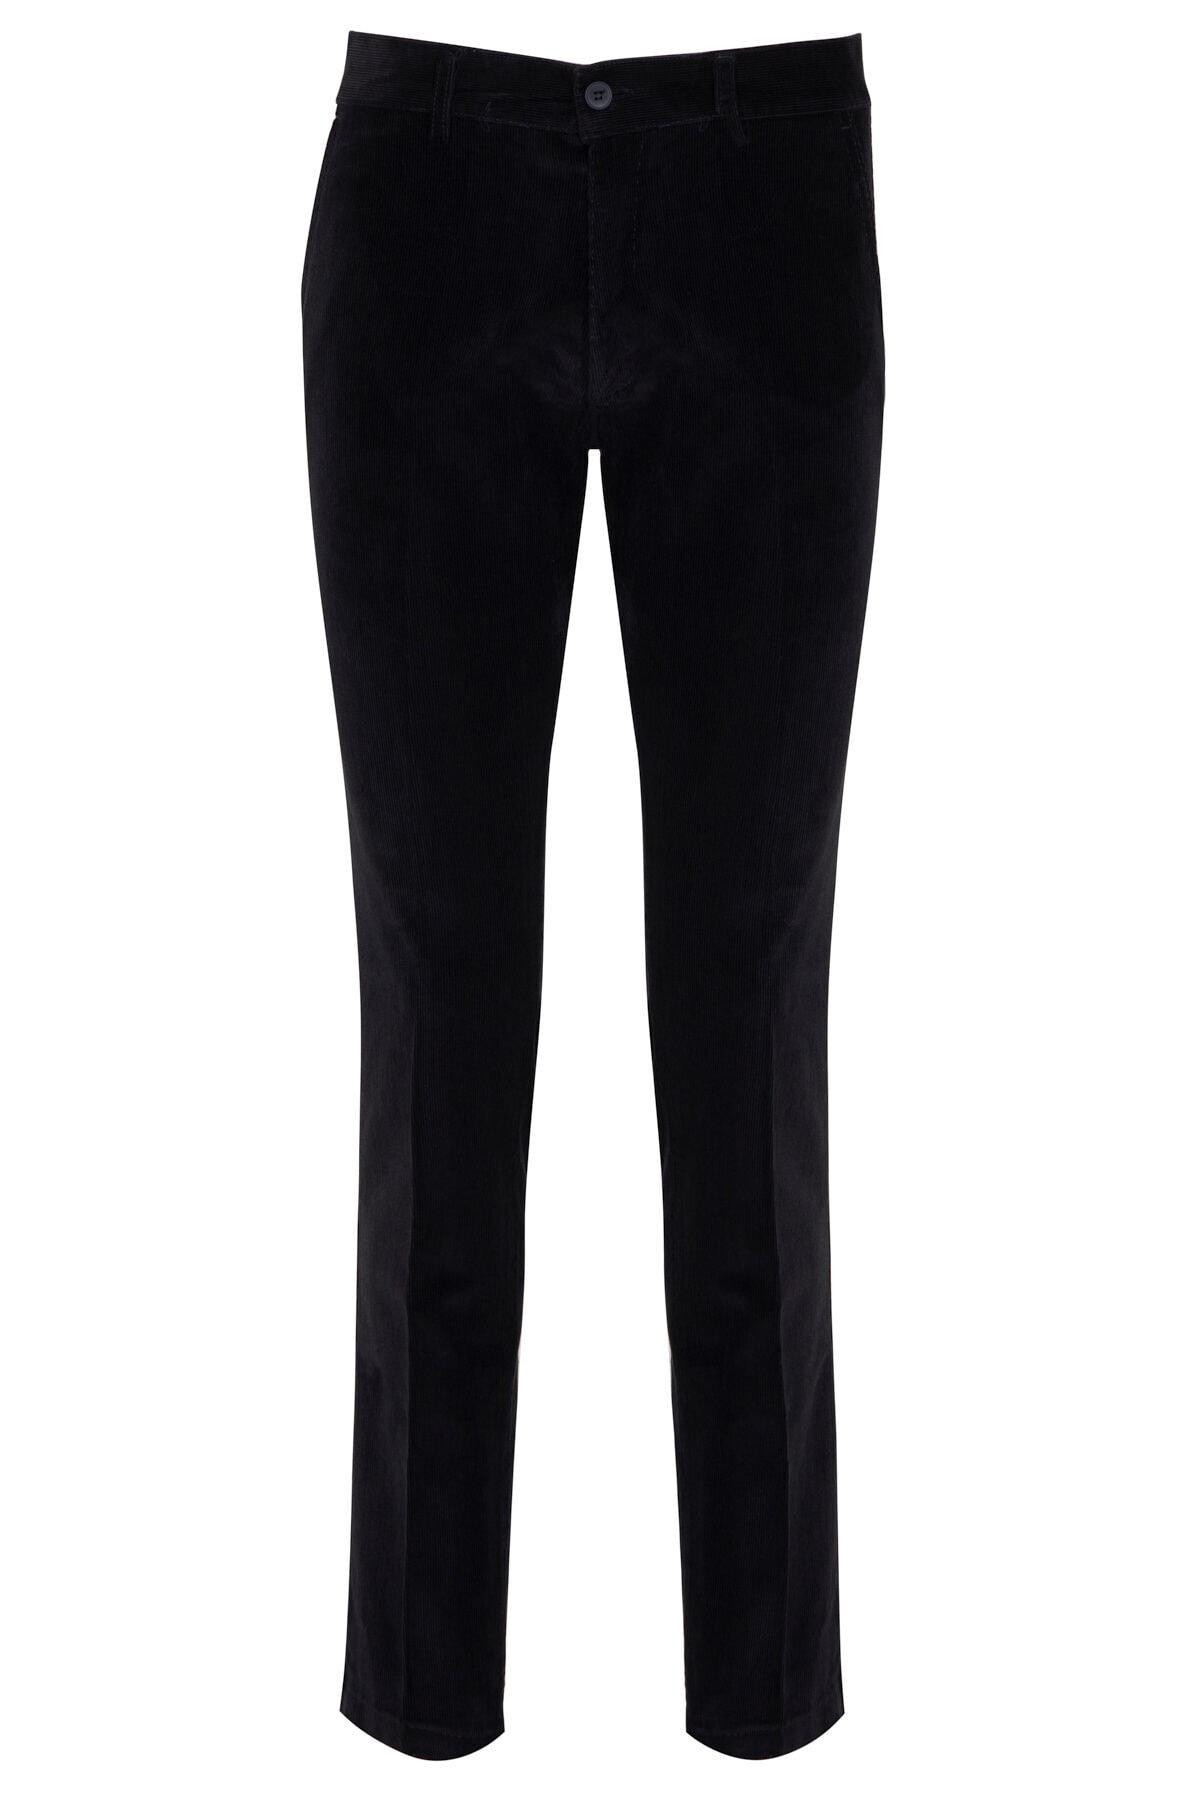 Hatemoğlu Lacivert Kadife Regular Pantolon 1